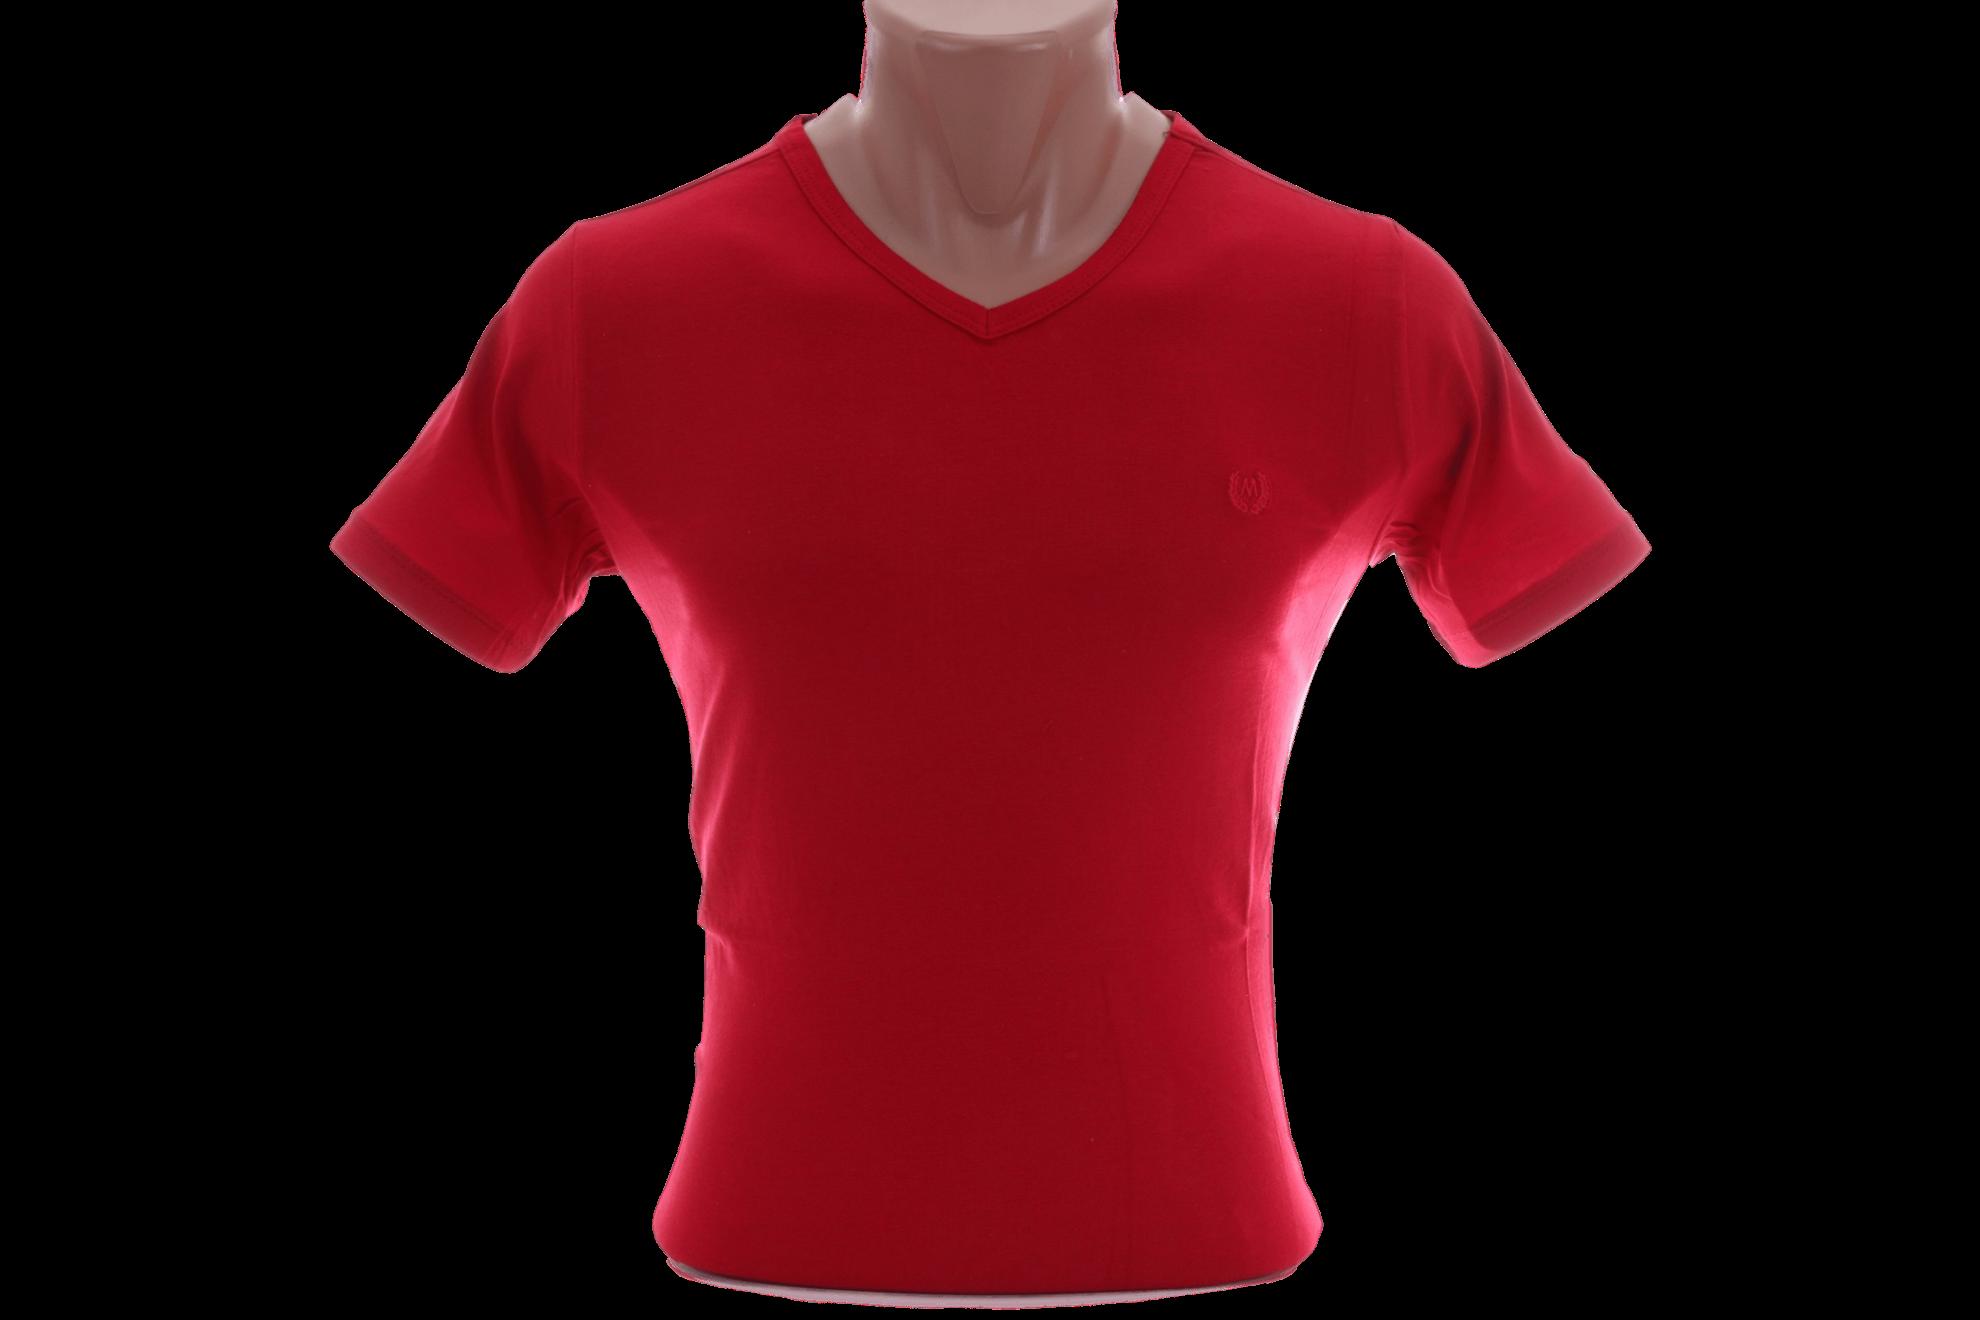 Футболка однотонная красная с v-образным воротником (Арт. F-008K)